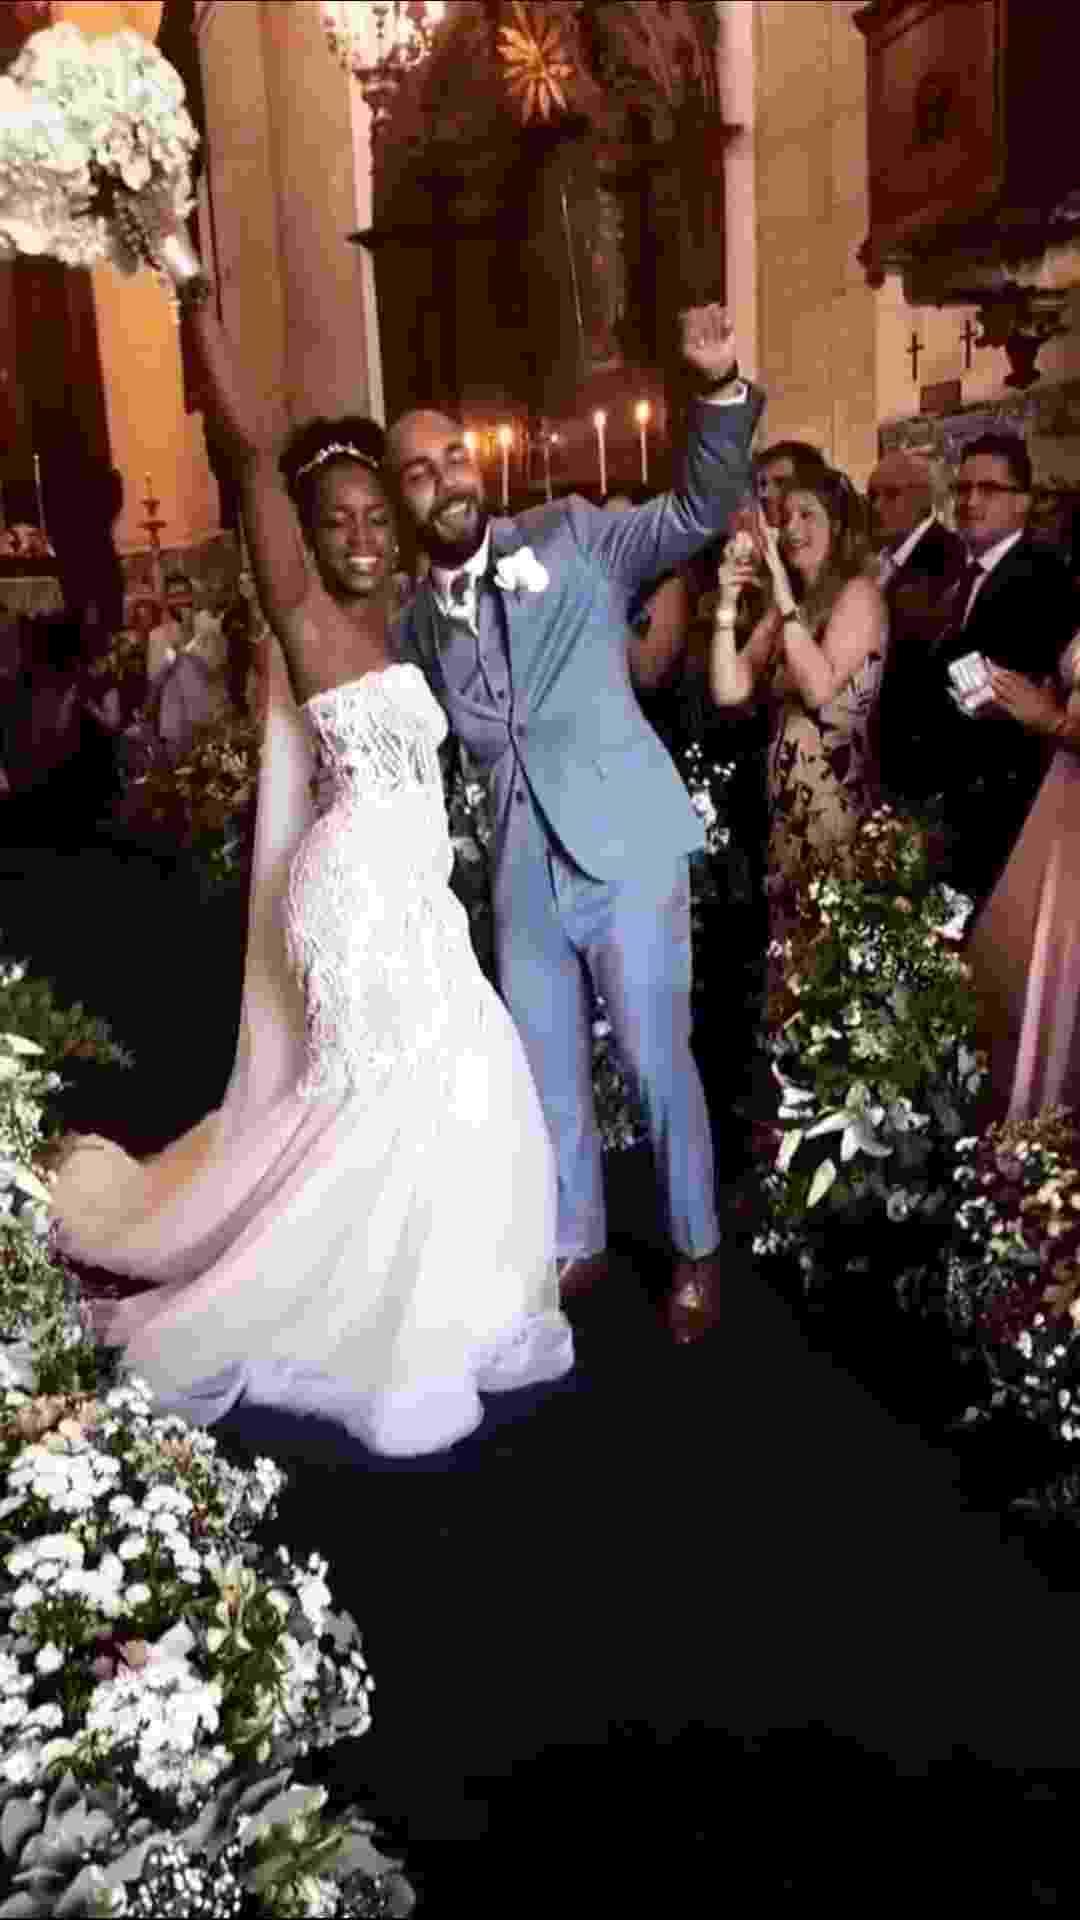 A cantora Iza e o produtor musical Sérgio Santos se casam no Rio de Janeiro - Reprodução/Instagram